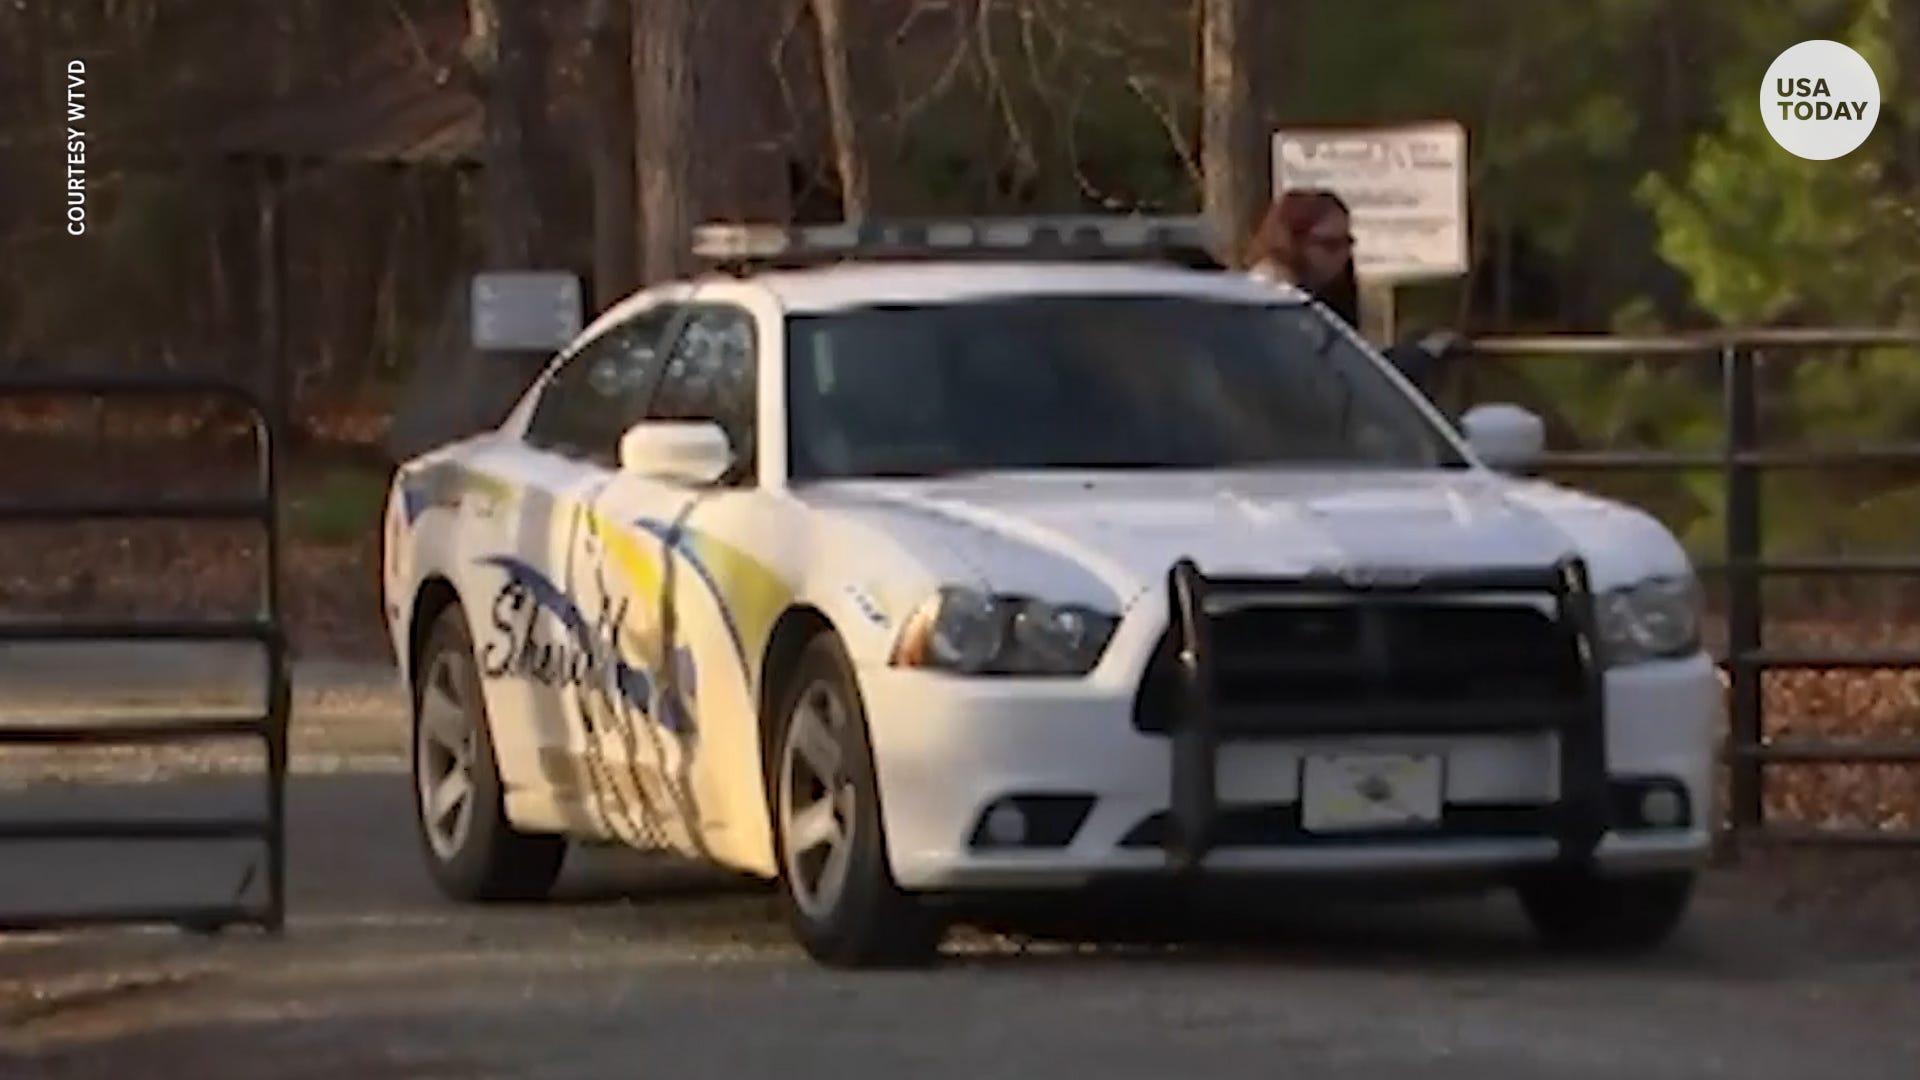 Lion kills 22-year-old intern at North Carolina zoological park